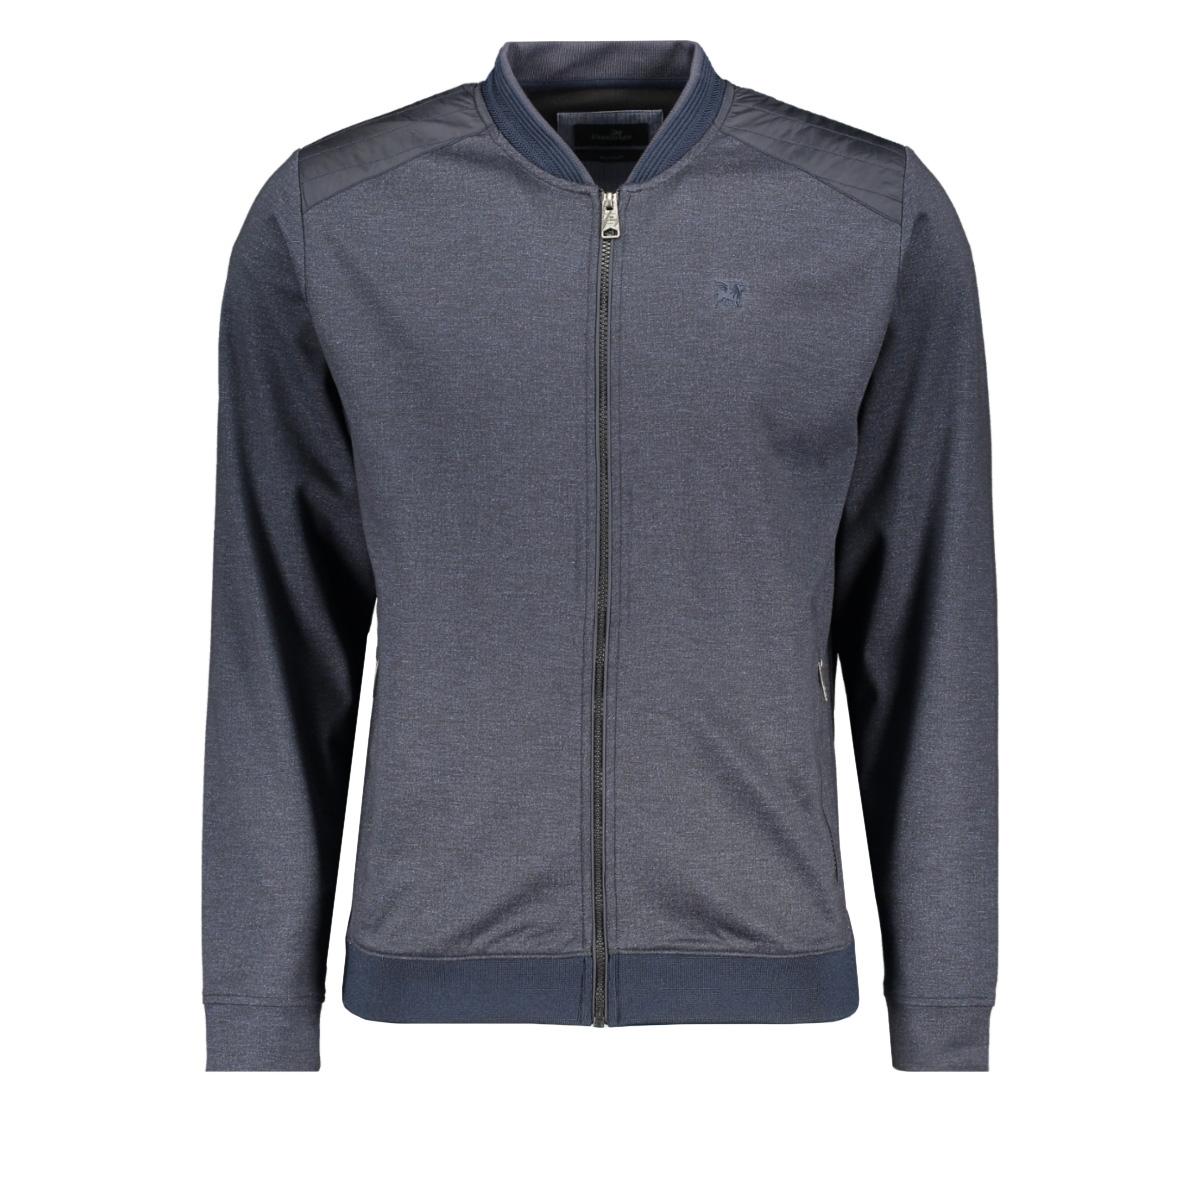 sweat jacket vsw198228 vanguard vest 5281